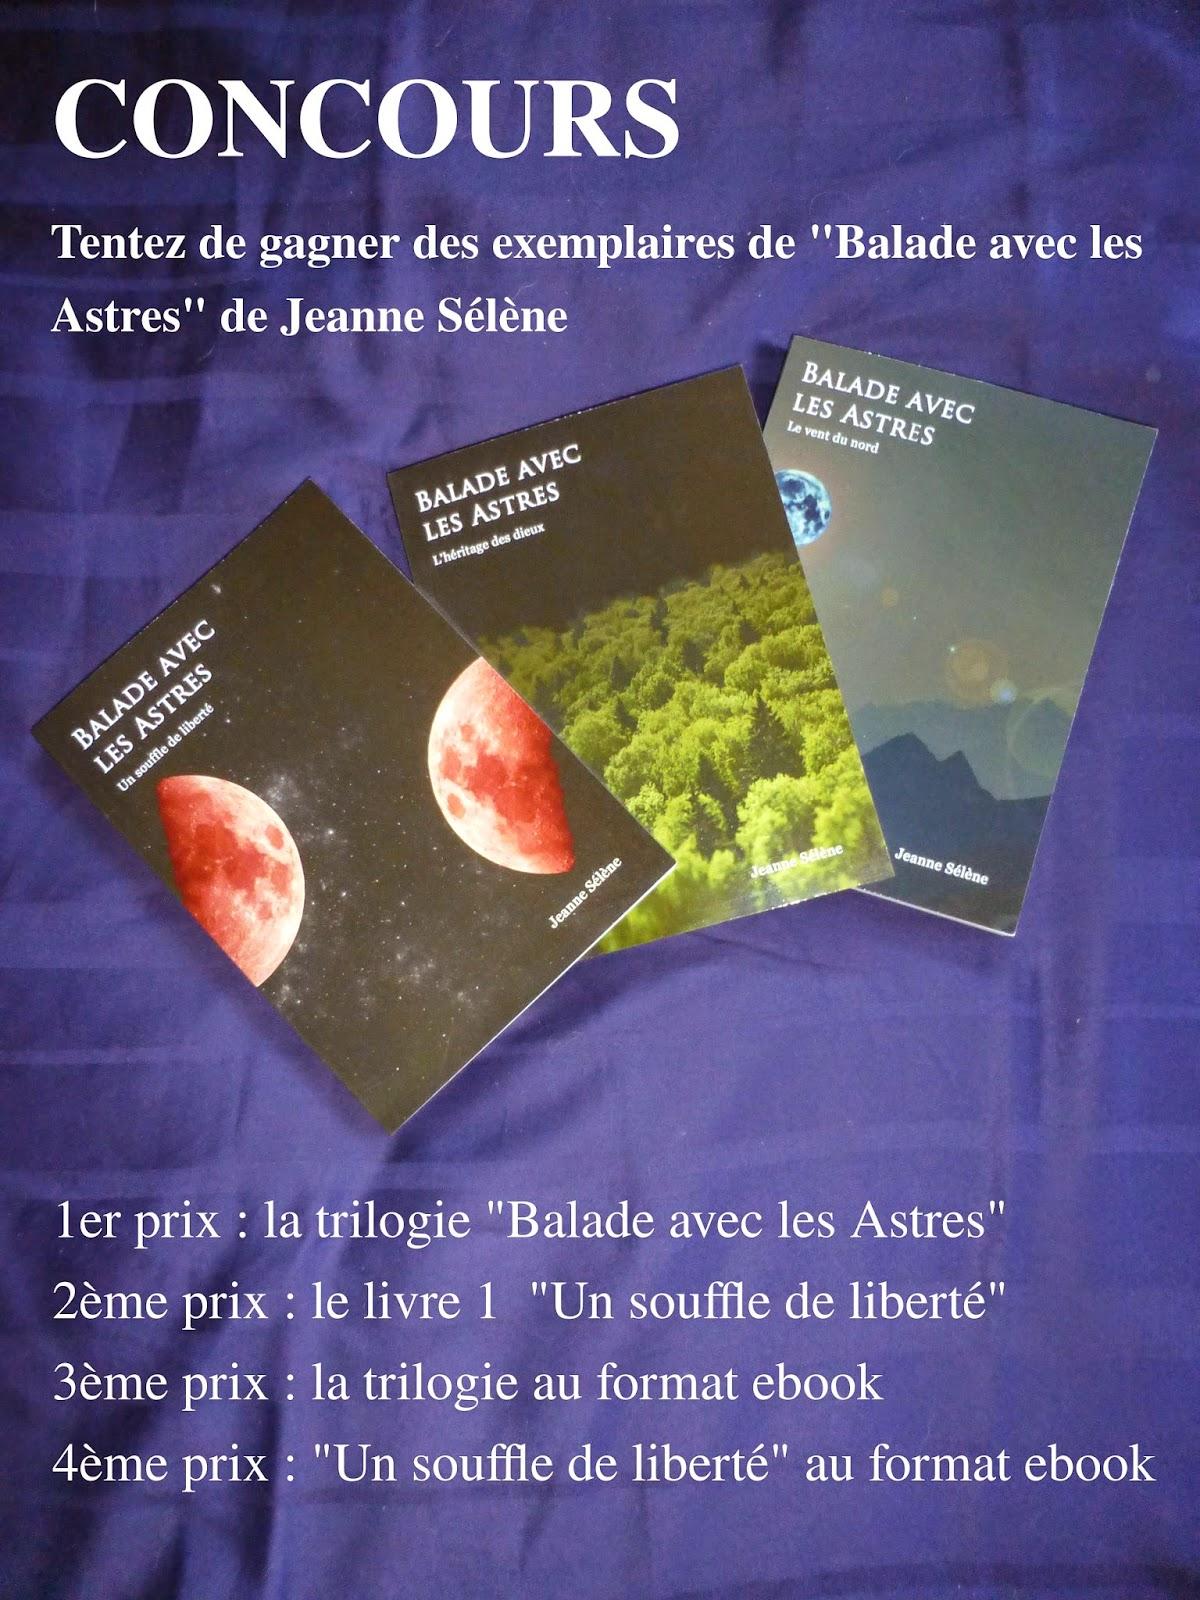 roman de fantasy - auteur Jeanne Sélène - Balade avec les Astres